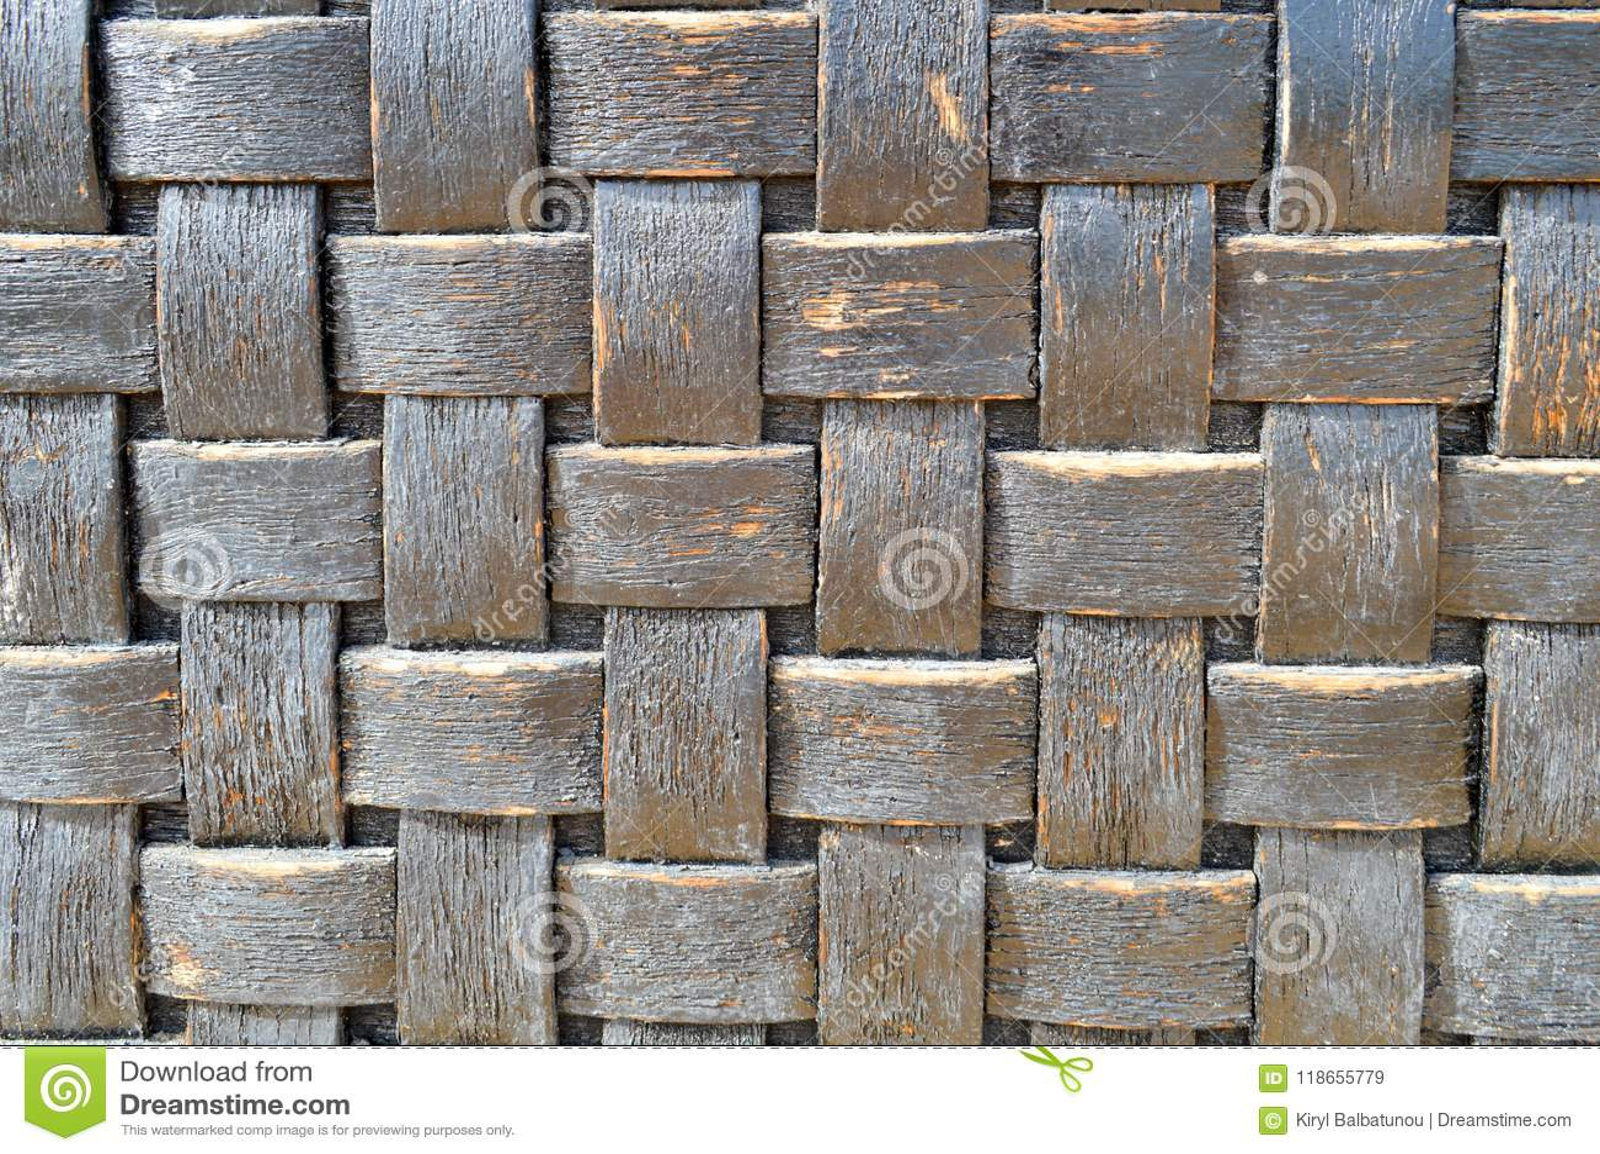 Foncé - vieux vieux backgroun homogène décoratif volumétrique minable antique en osier de texture à carreaux en bois convexe bleu